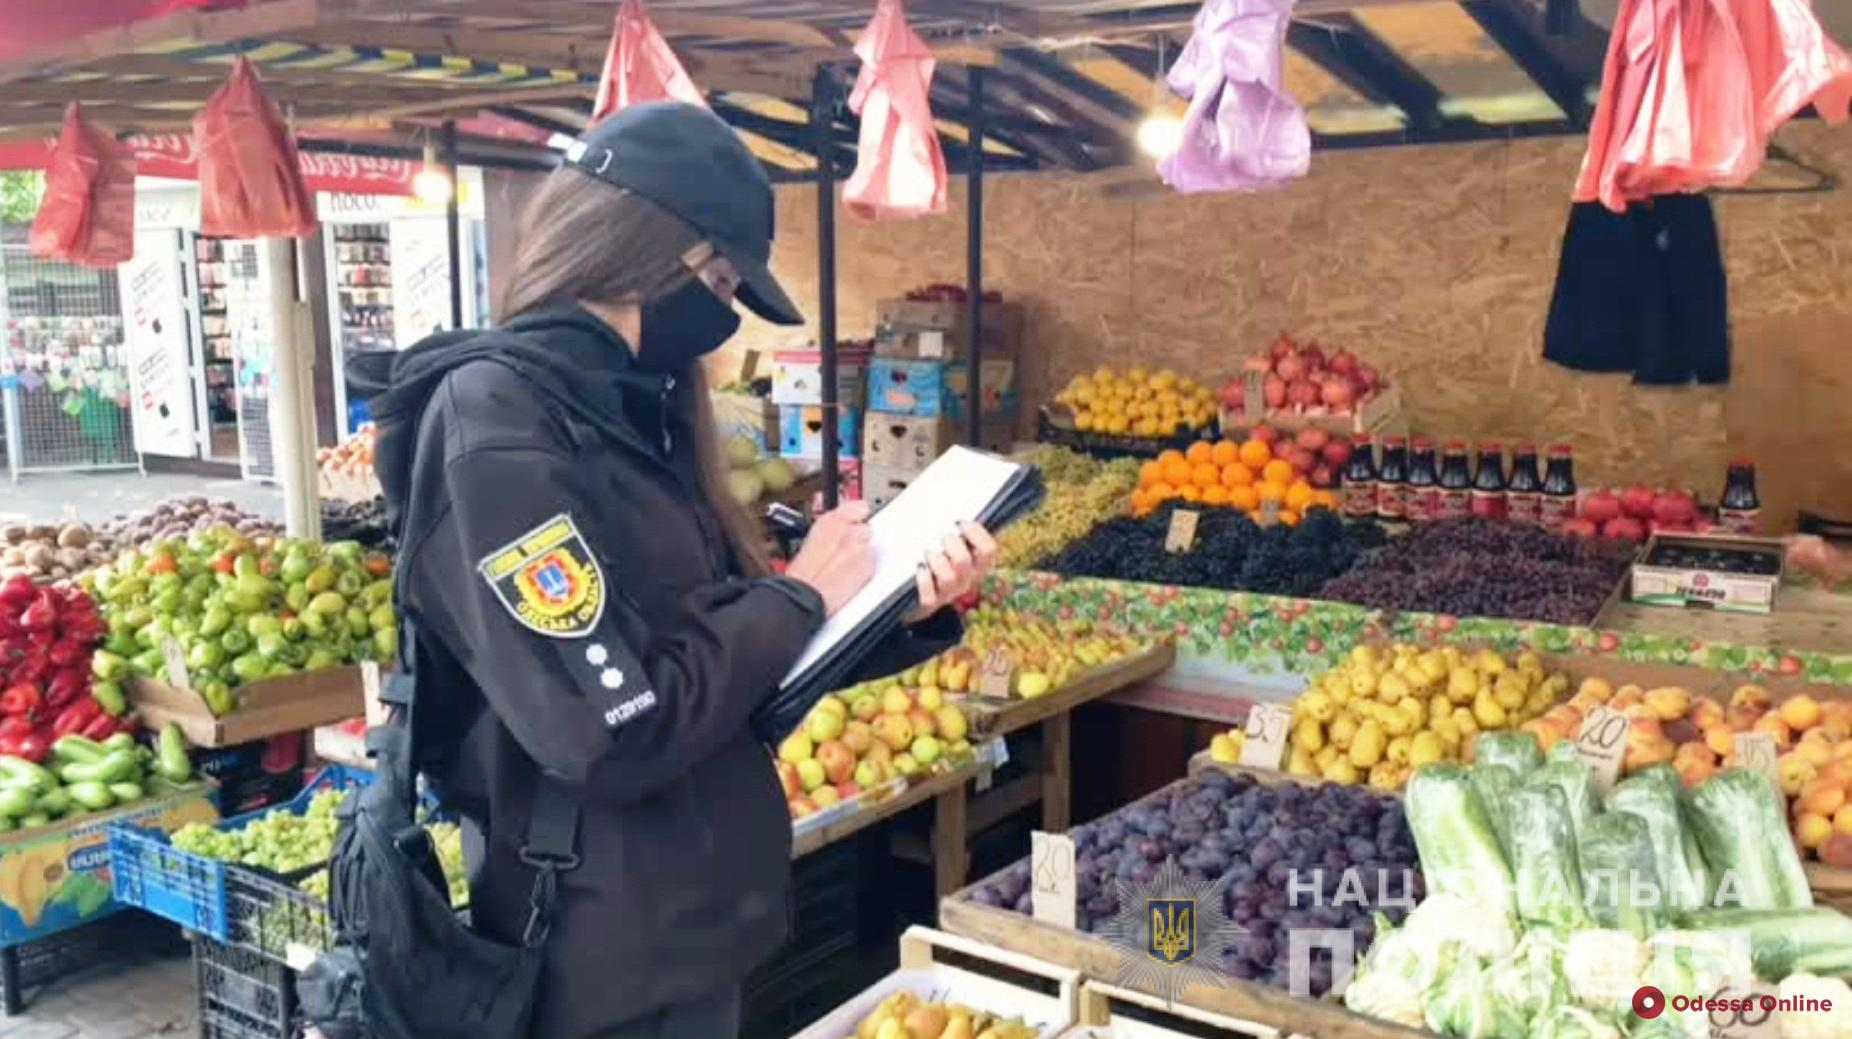 Борьба со стихийной торговлей: полицейские провели рейд в Суворовском районе (видео)